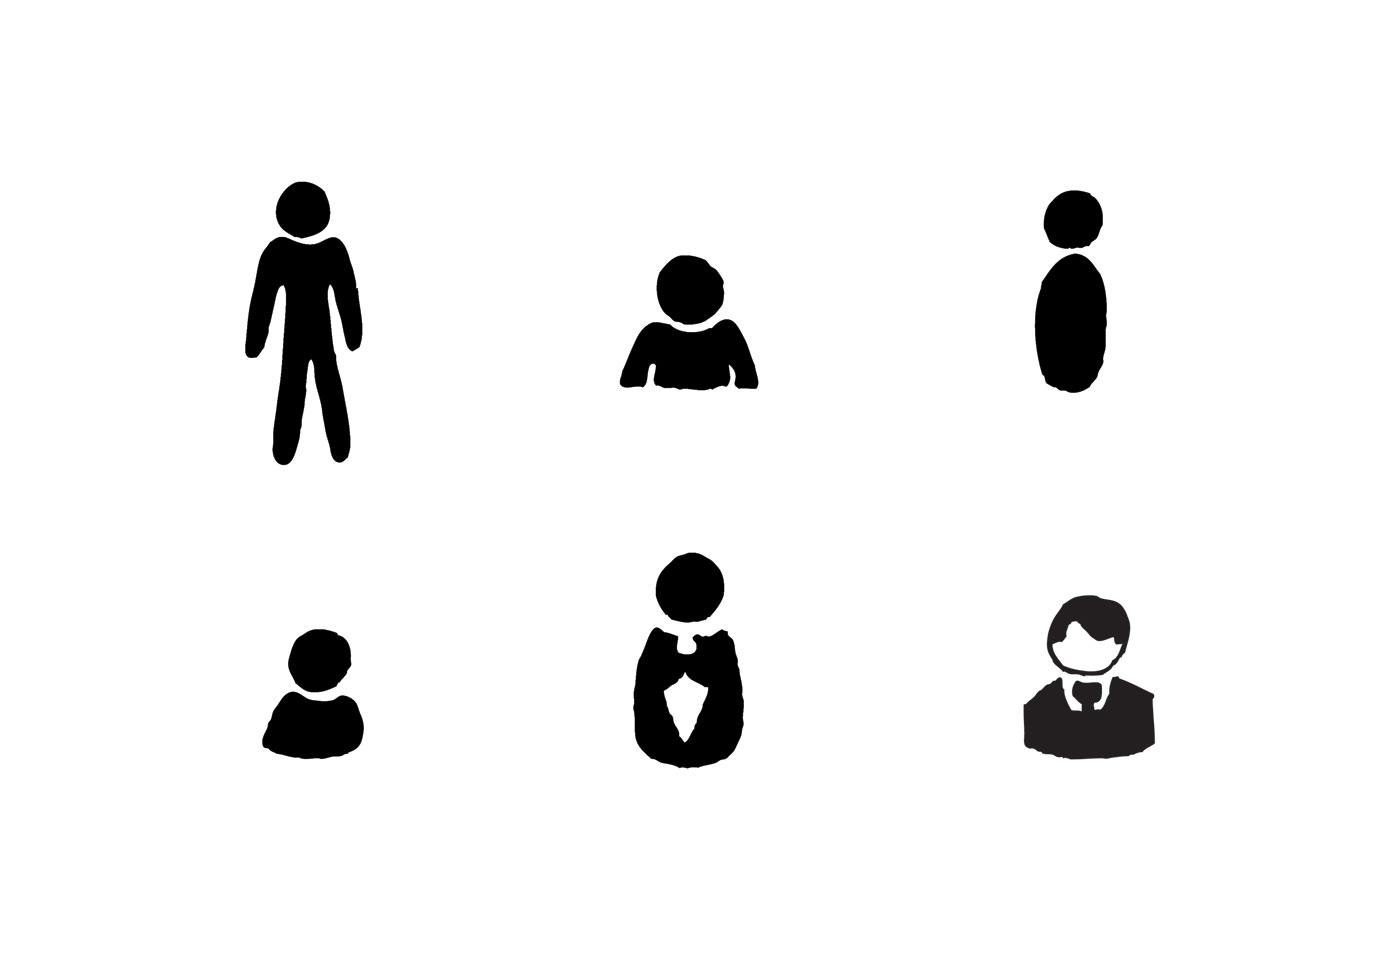 person icon free vector art